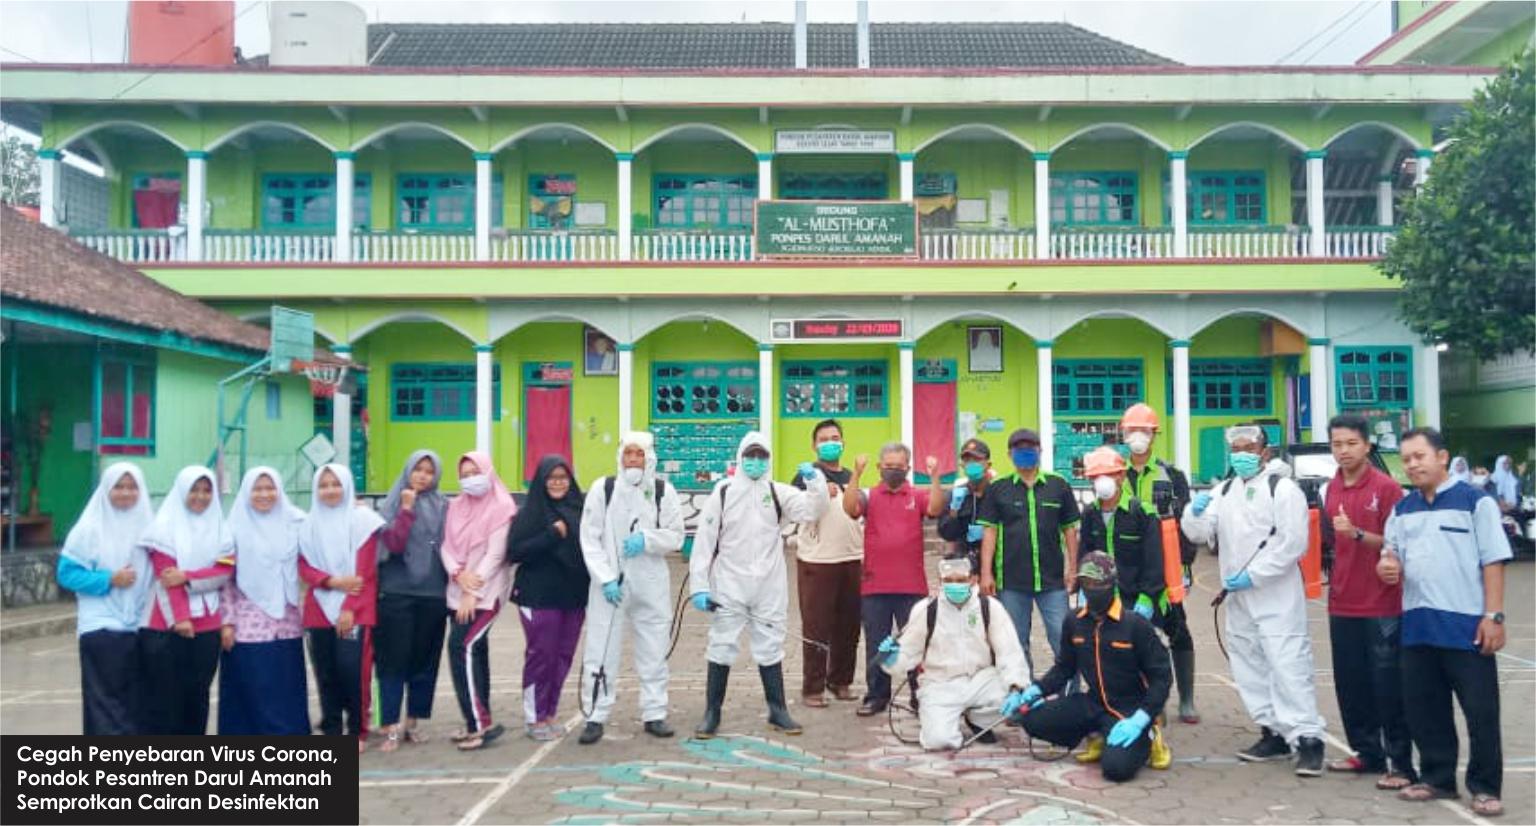 Cegah Penyebaran Virus Corona, Pondok Pesantren Darul Amanah Semprotkan Cairan Desinfektan